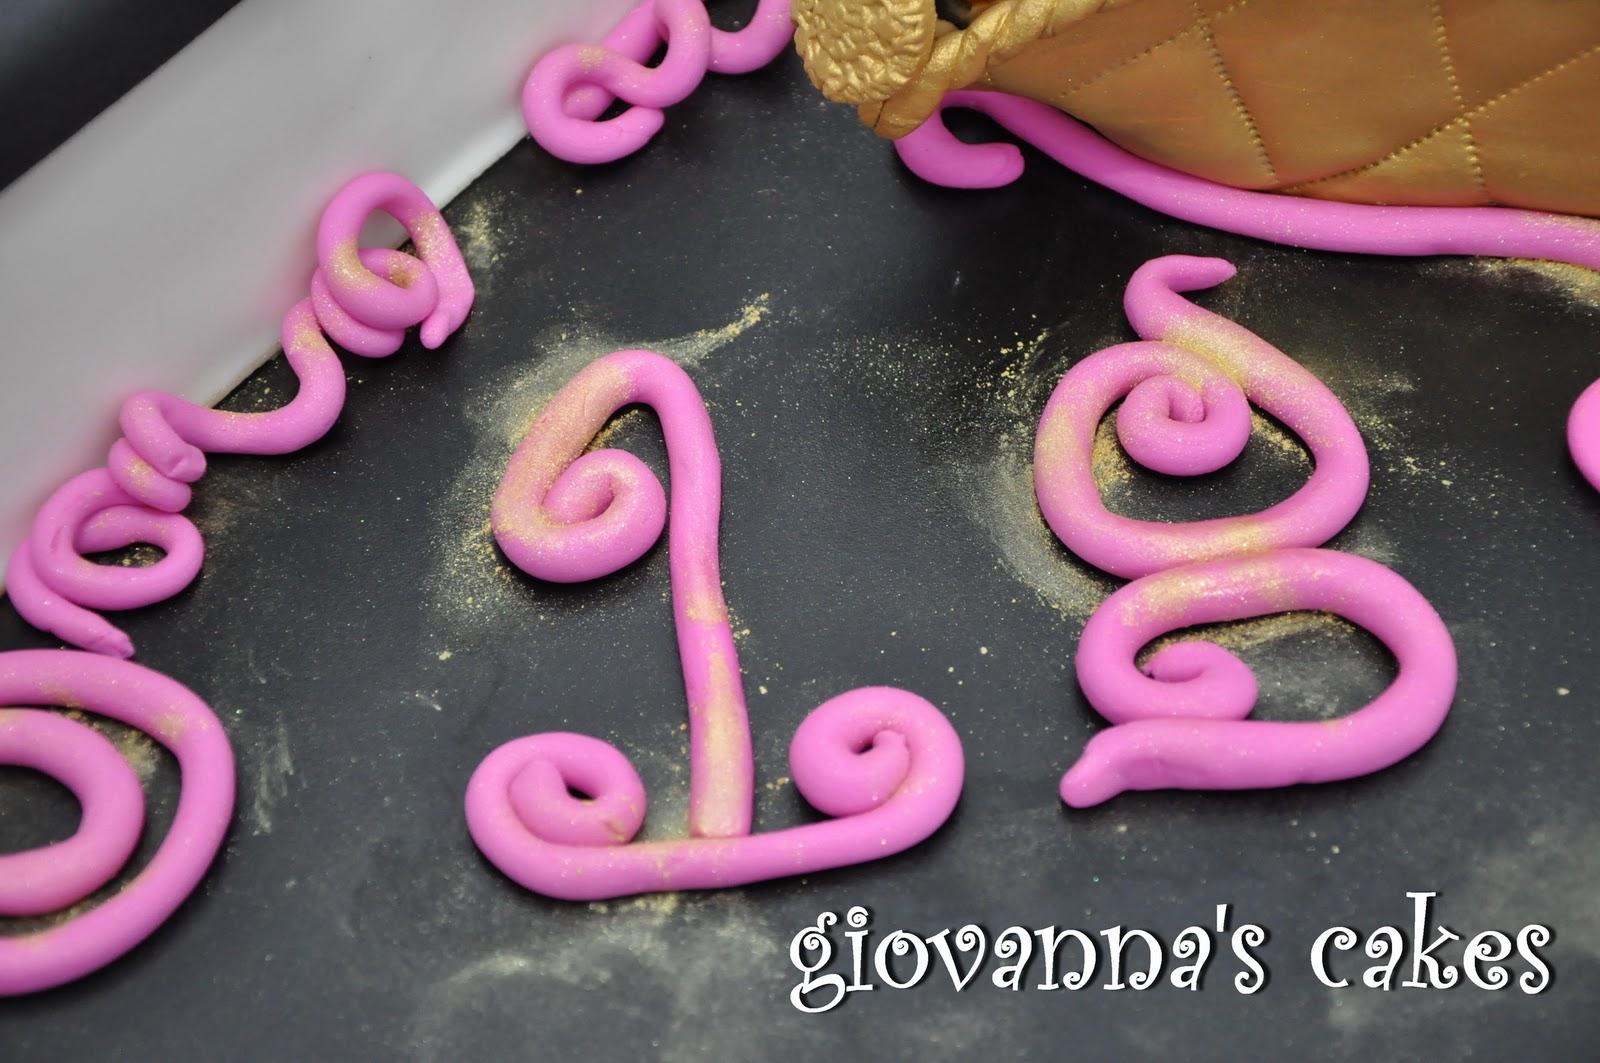 giovannas cakes Fashionista 18 year old princess birthday cake